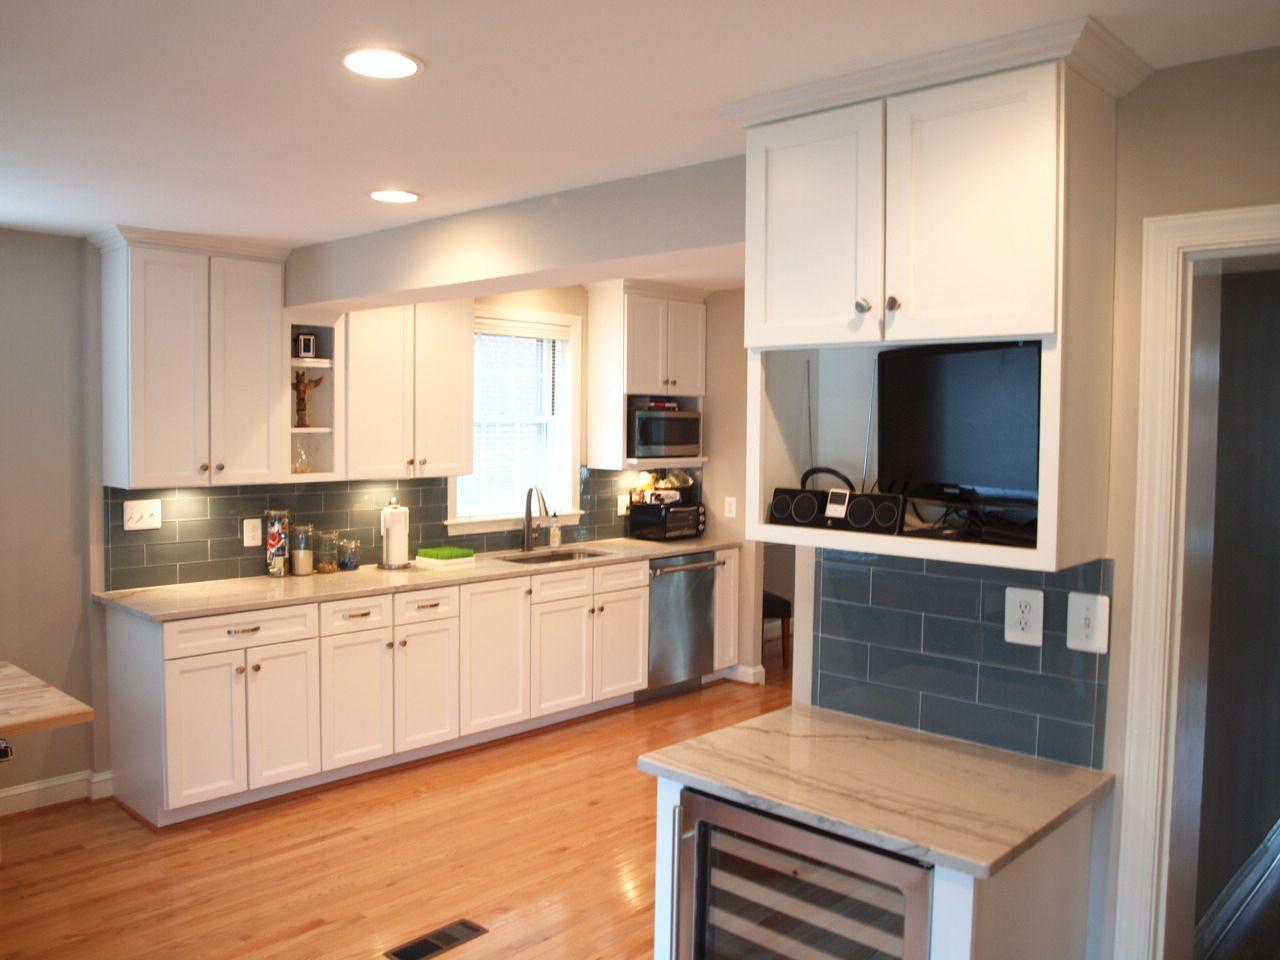 55+ Kitchen Remodeling Washington Dc - Lowes Paint Colors ...